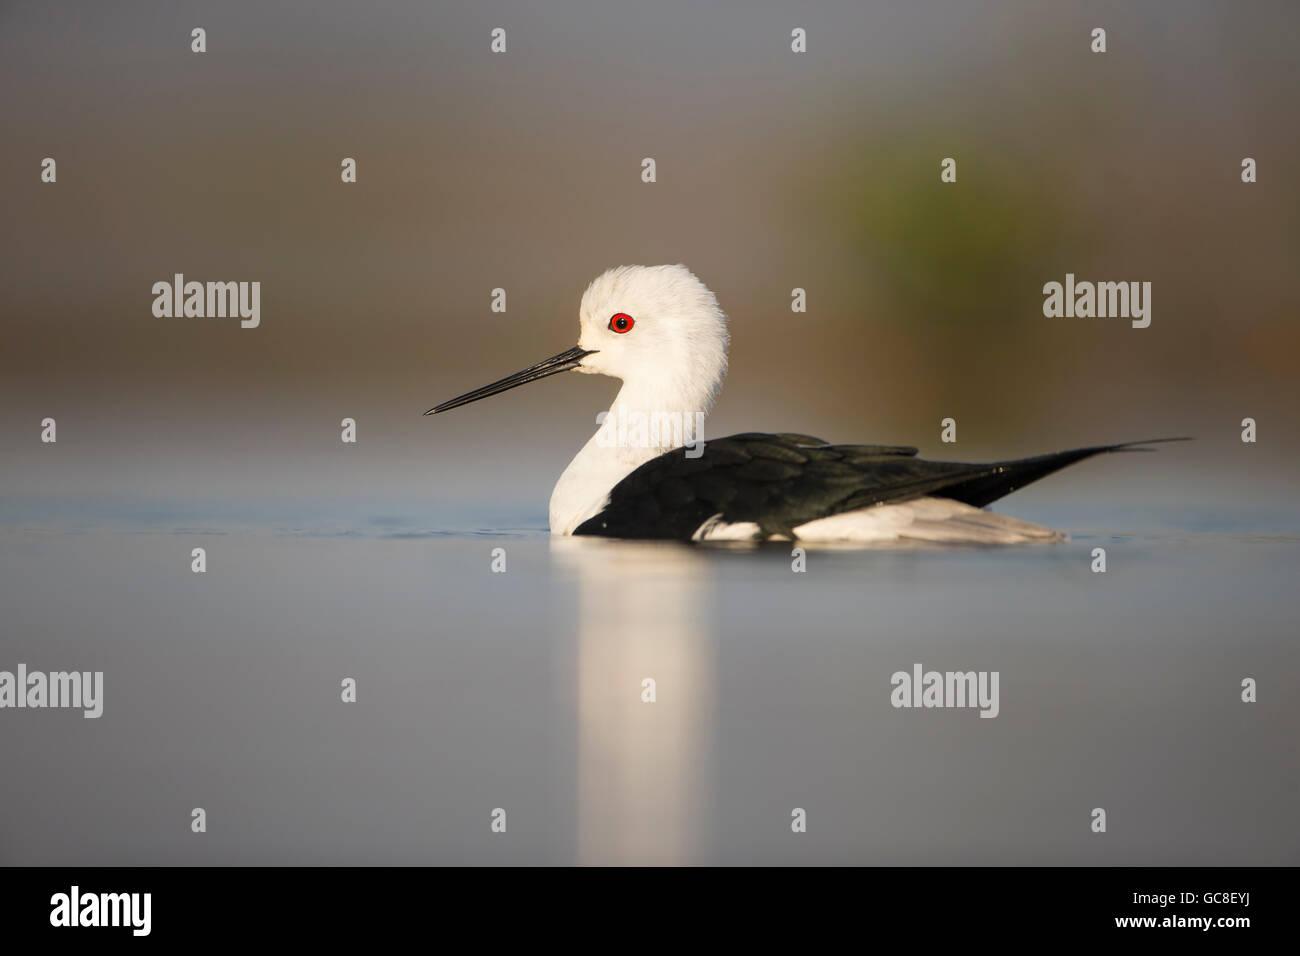 Cerca de un negro-alada Himantopus himantopus zancos en perfil nadando en una laguna poco profunda adoptadas a nivel de los ojos Foto de stock